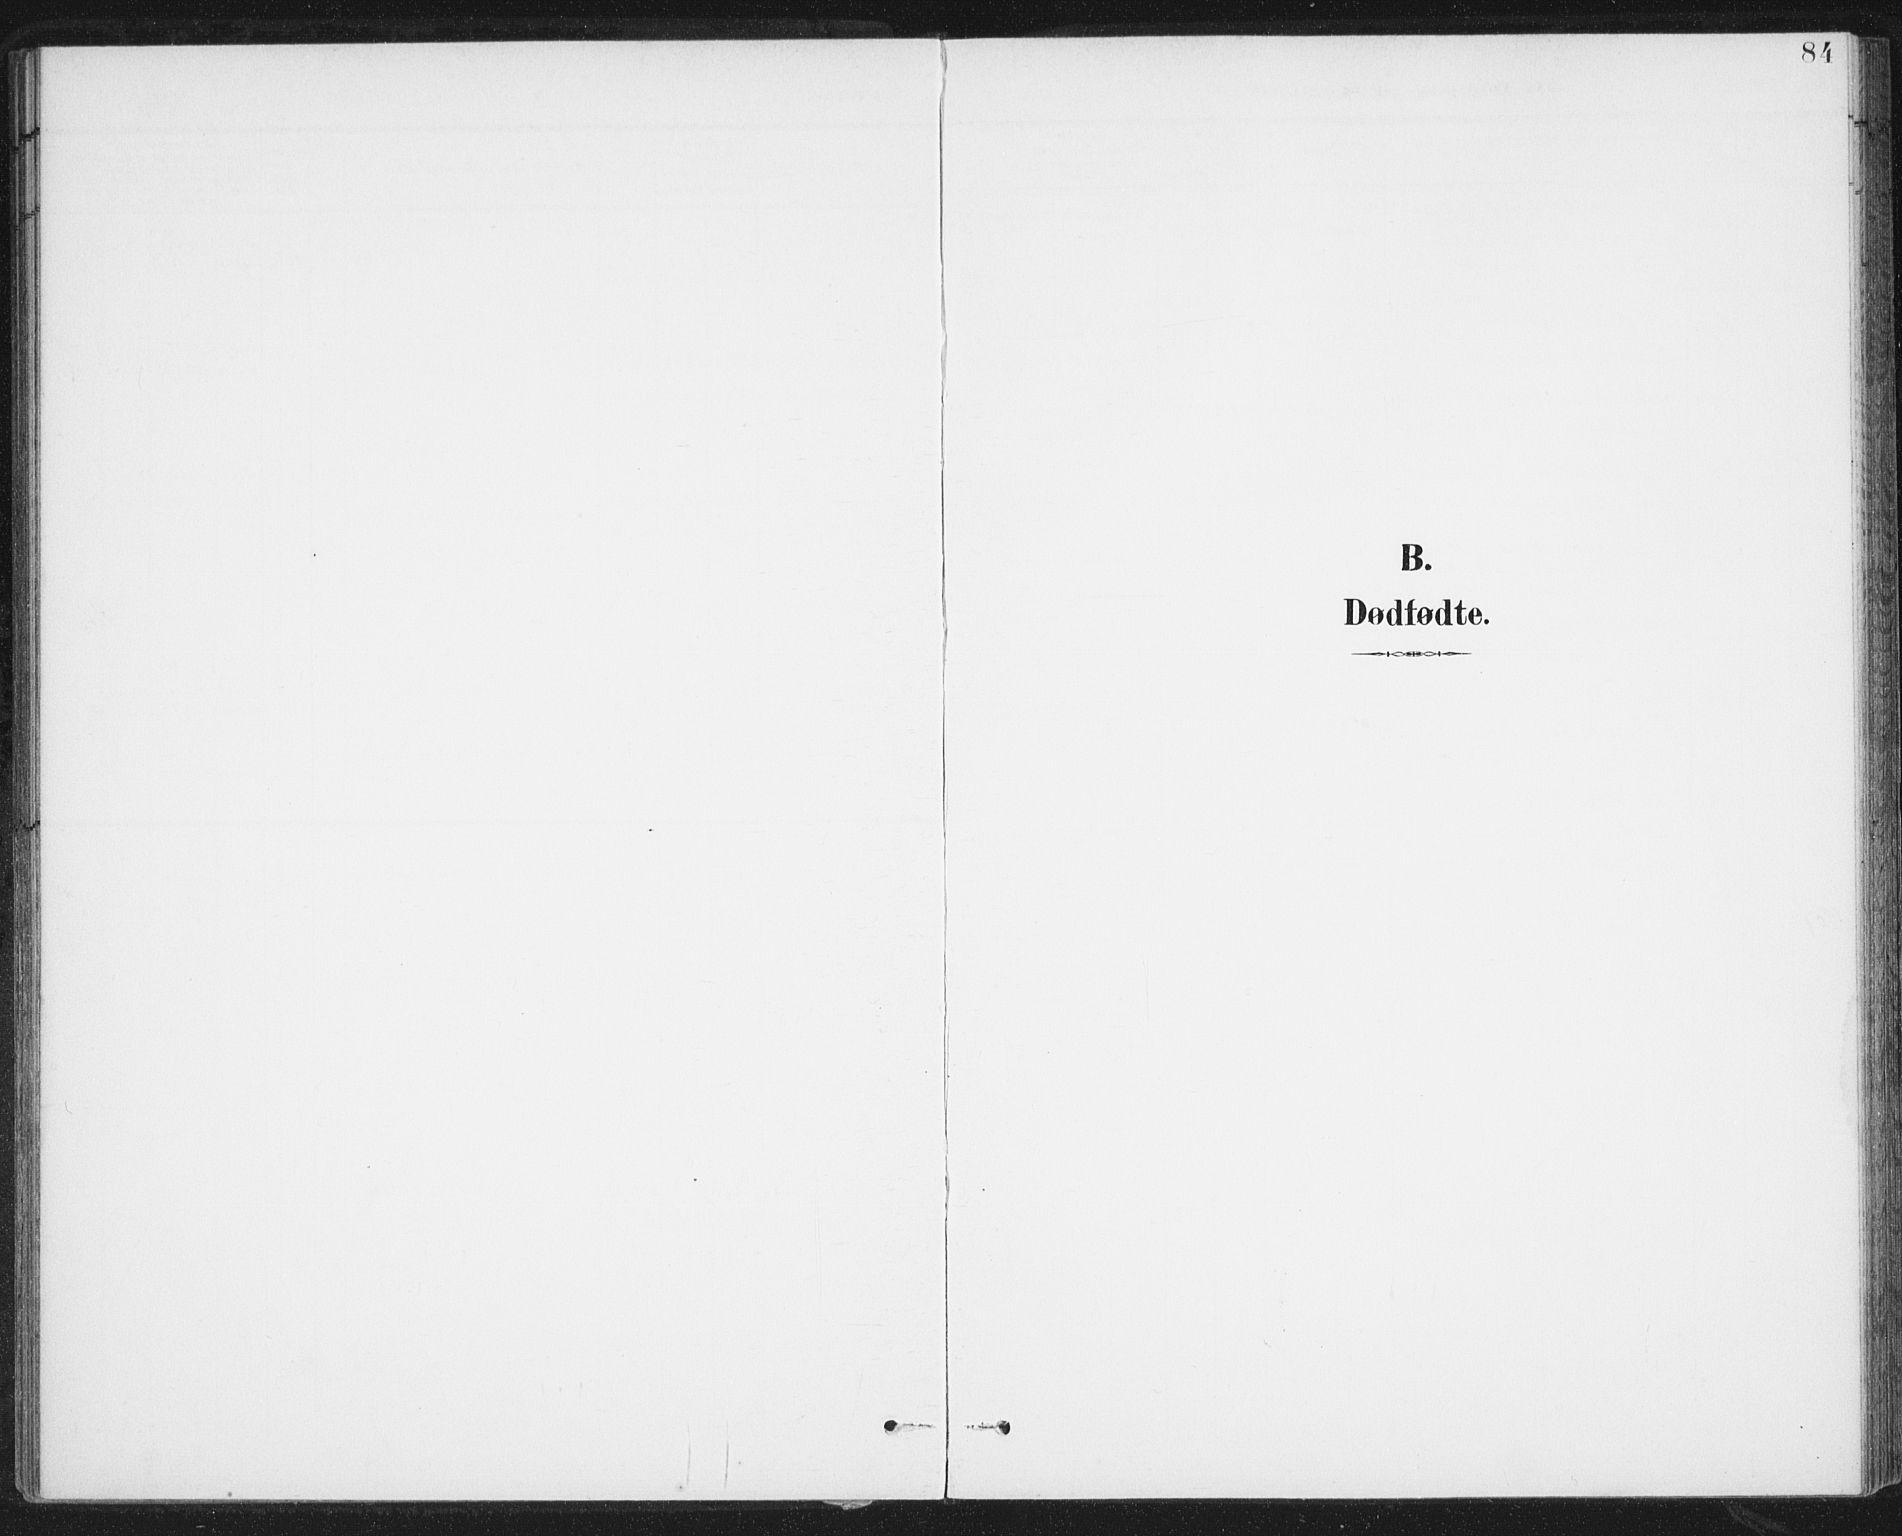 SAT, Ministerialprotokoller, klokkerbøker og fødselsregistre - Nordland, 899/L1437: Parish register (official) no. 899A05, 1897-1908, p. 84